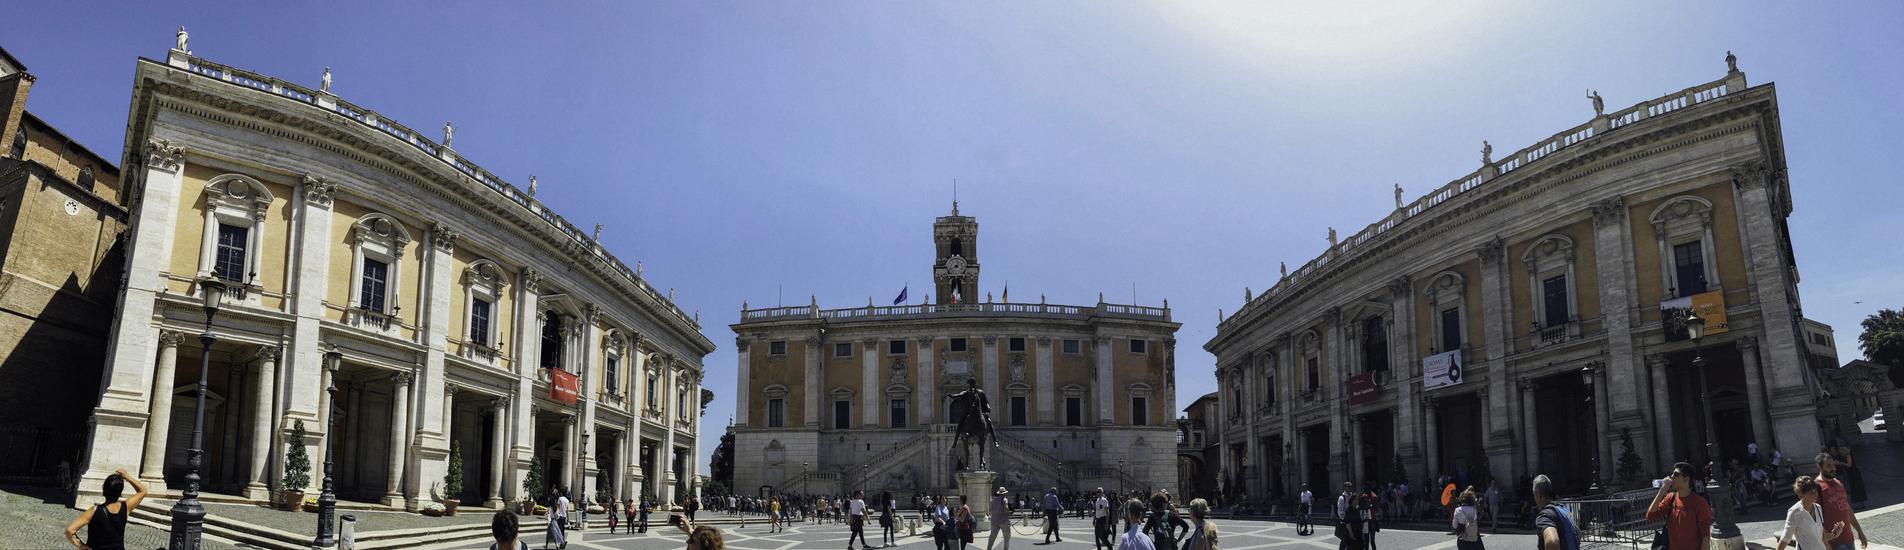 Leiebil i Roma? Dette bør du vite